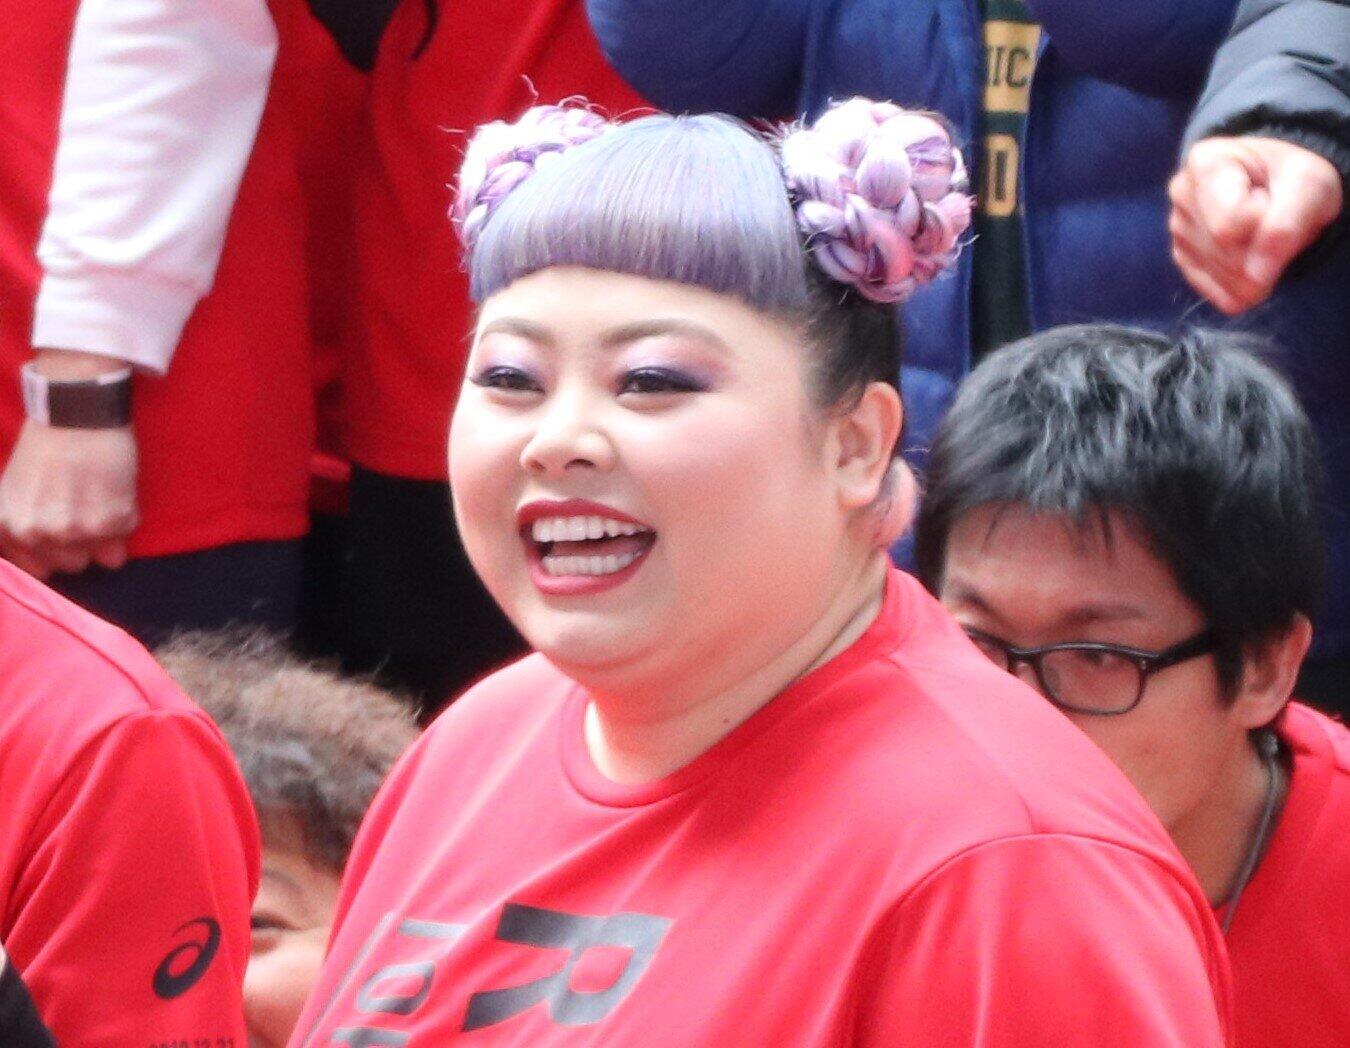 渡辺直美さん。ゲーム内では凄腕スナイパー?